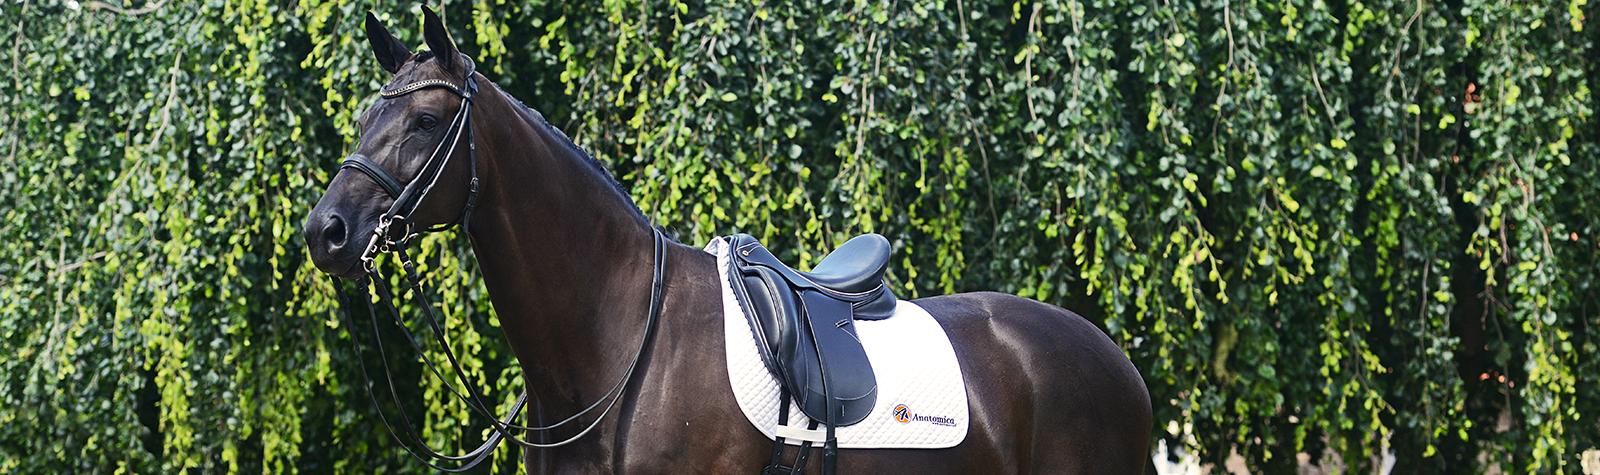 (Nederlands) Anatomica S-Line dressuurzadel genomineerd voor de Horses Product van het Jaar 2017 verkiezing!